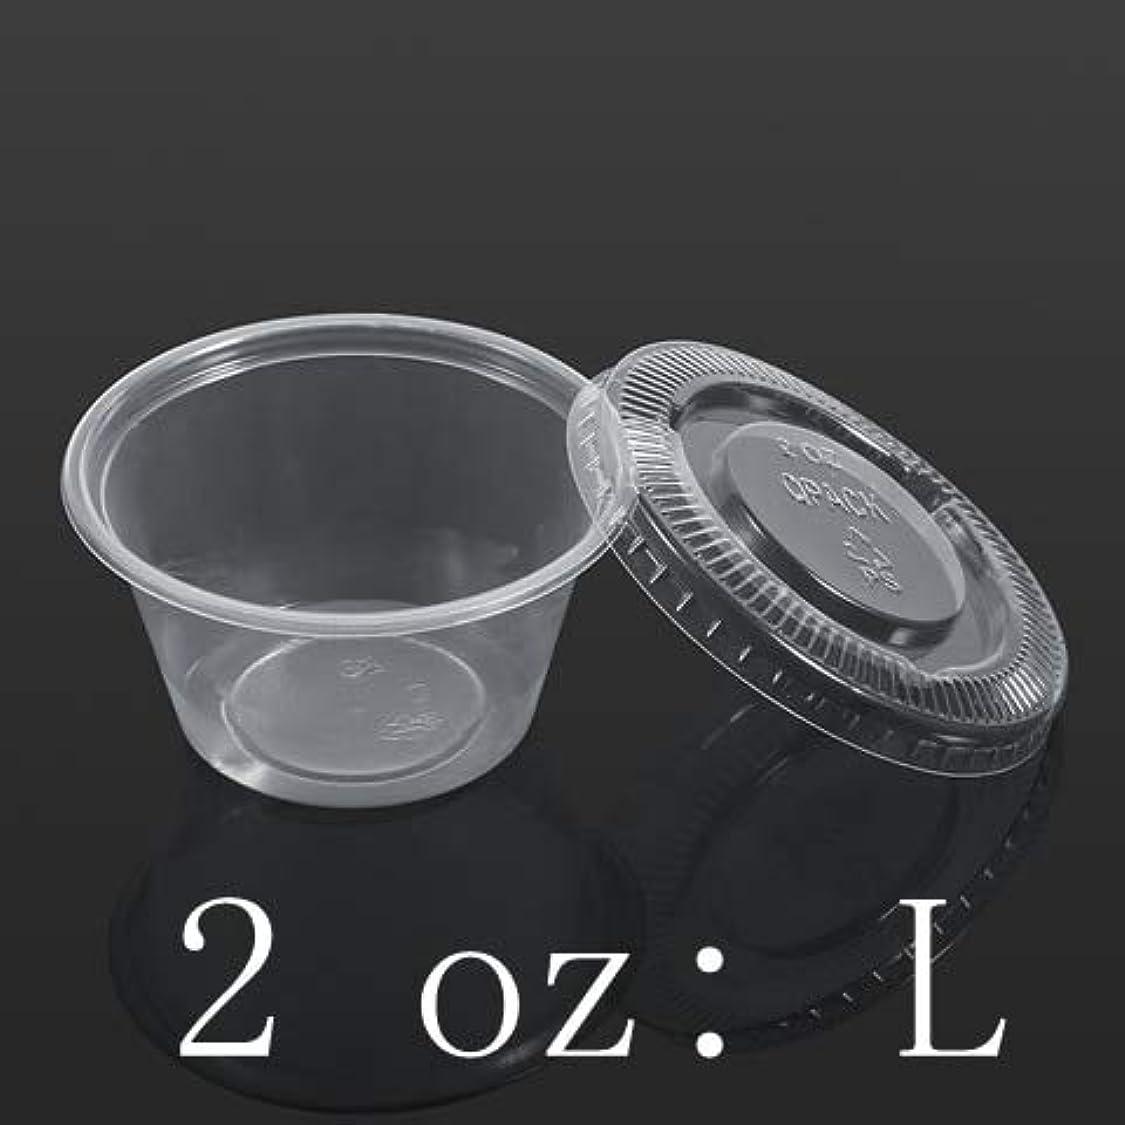 不完全踏み台望遠鏡Maxcrestas - 蓋食品テイクアウトでMaxcrestas - 50pcsの醤油カップ使い捨てのプラスチック製のクリアソースチャツネカップボックス